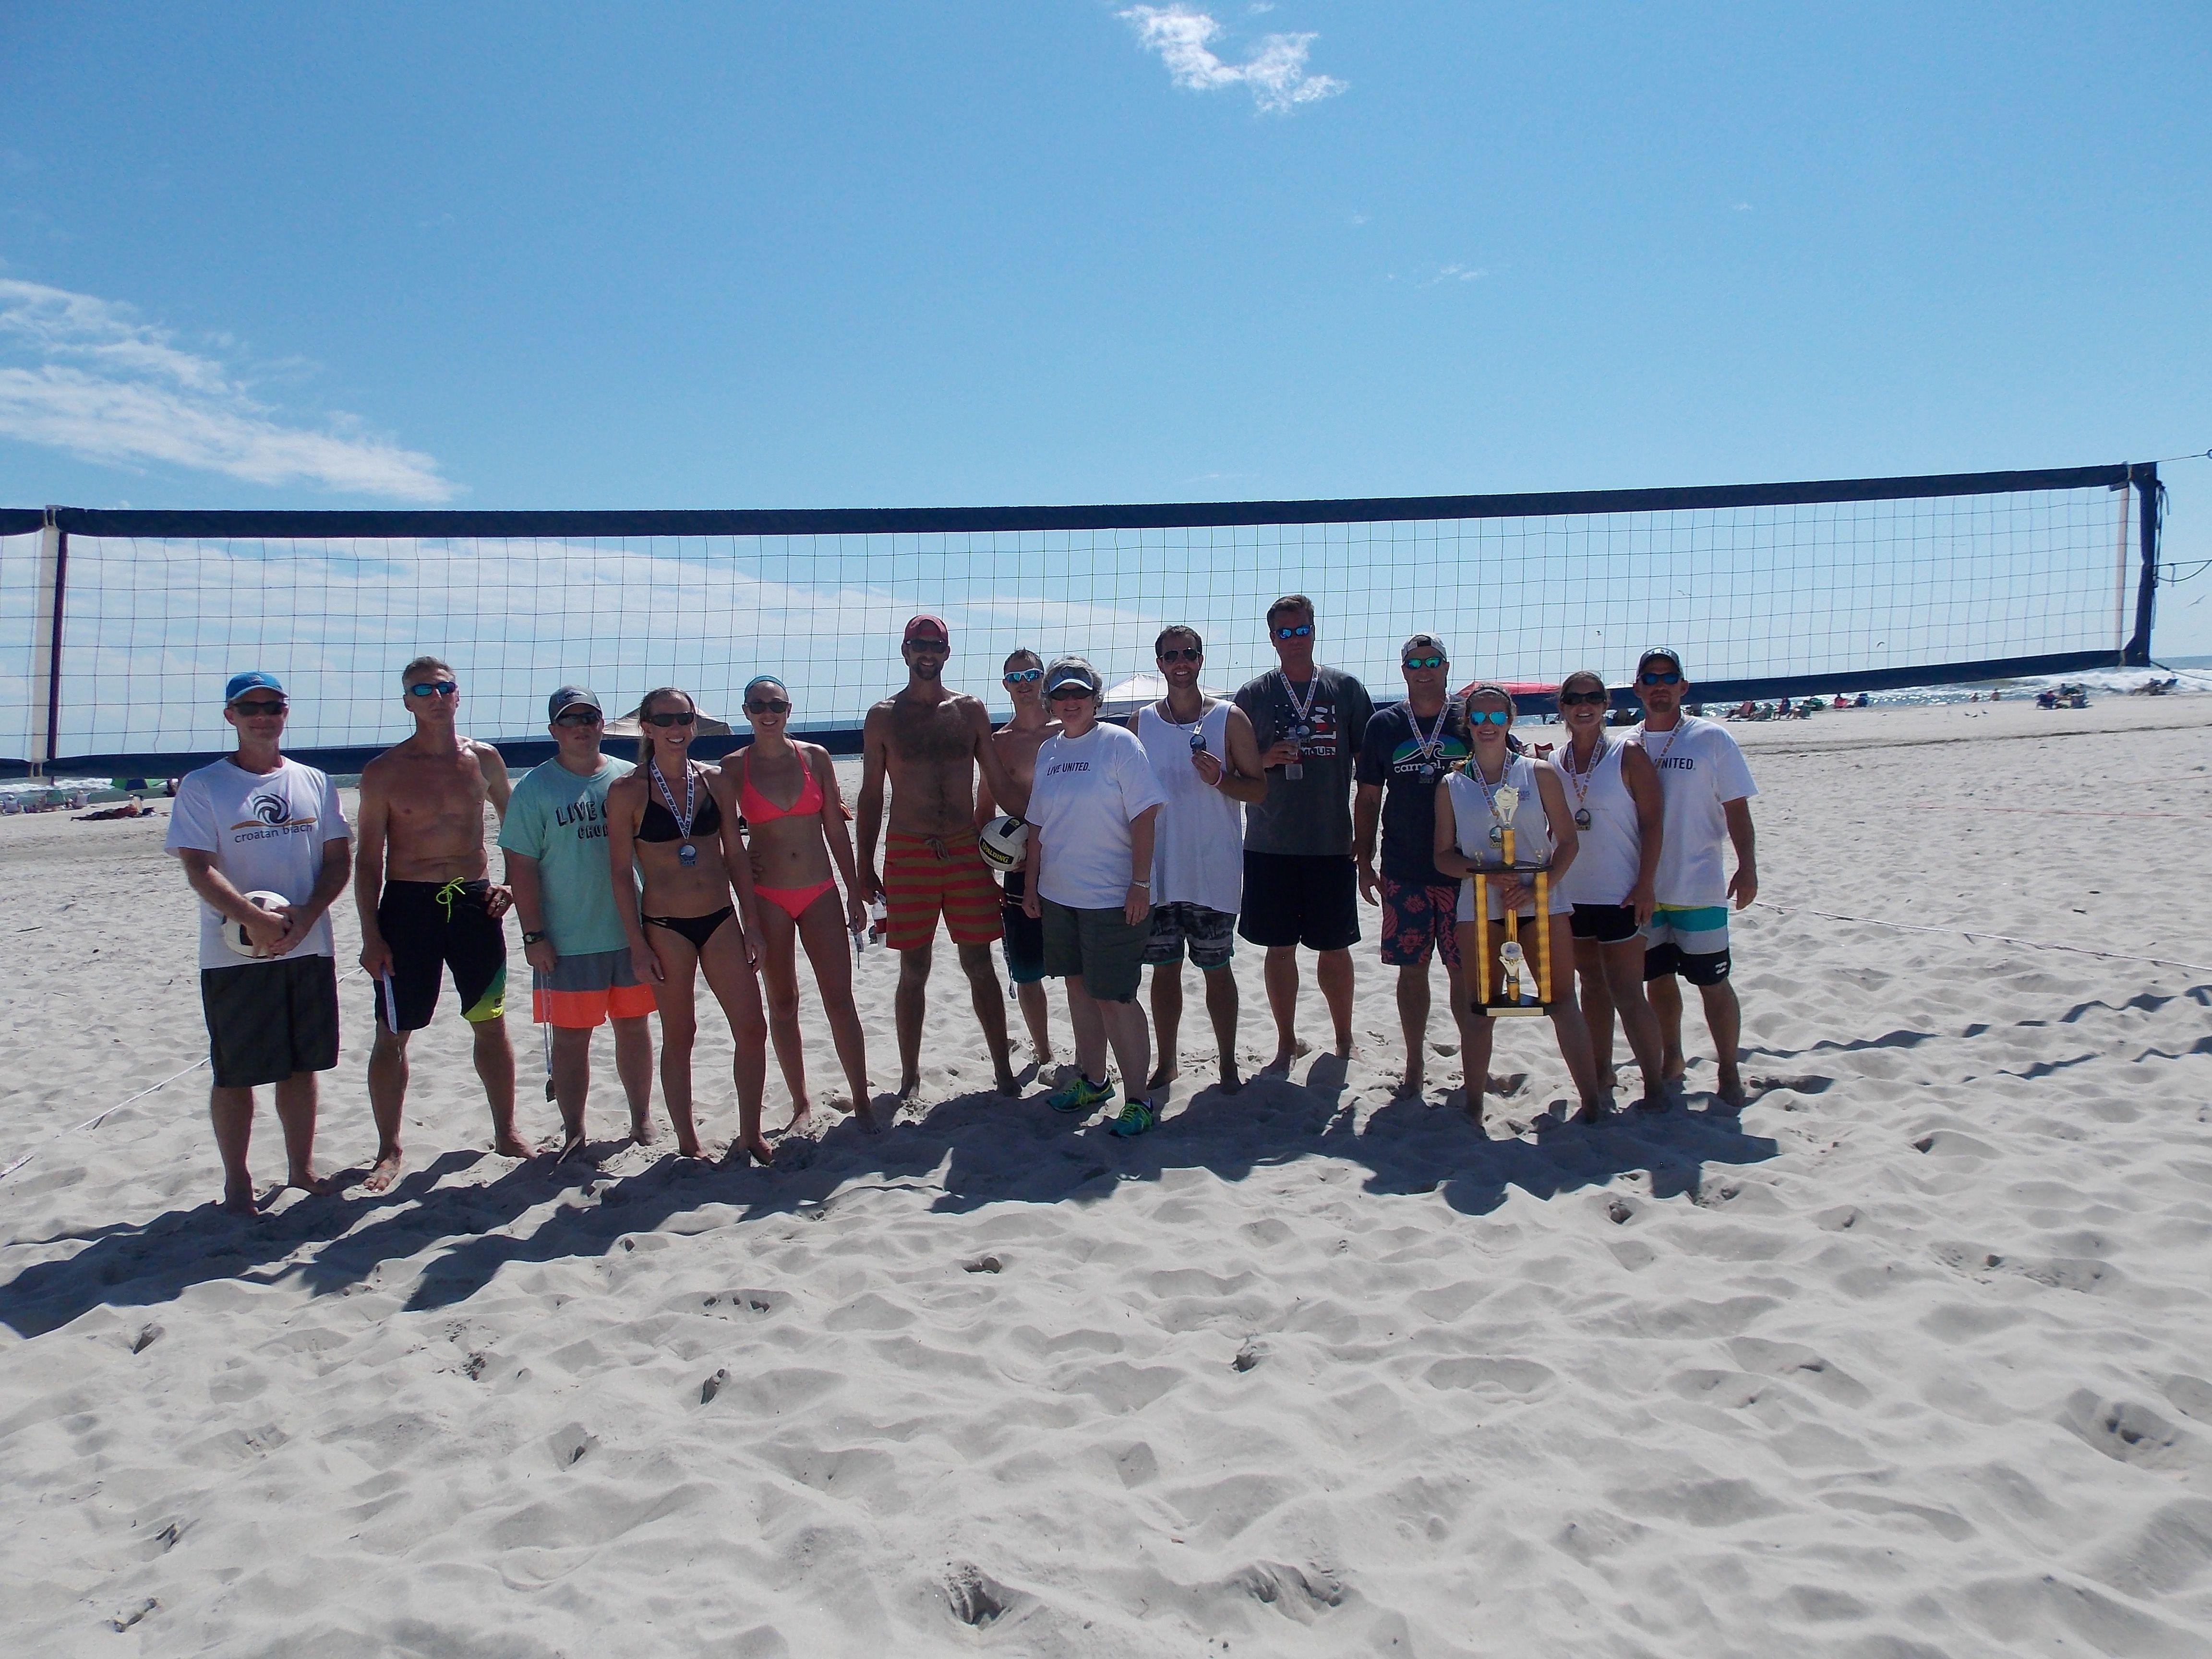 Pin By United Way Of Coastal Carolina On 2017 Beach Volleyball Tournament Beach Volleyball Volleyball Tournaments Volleyball